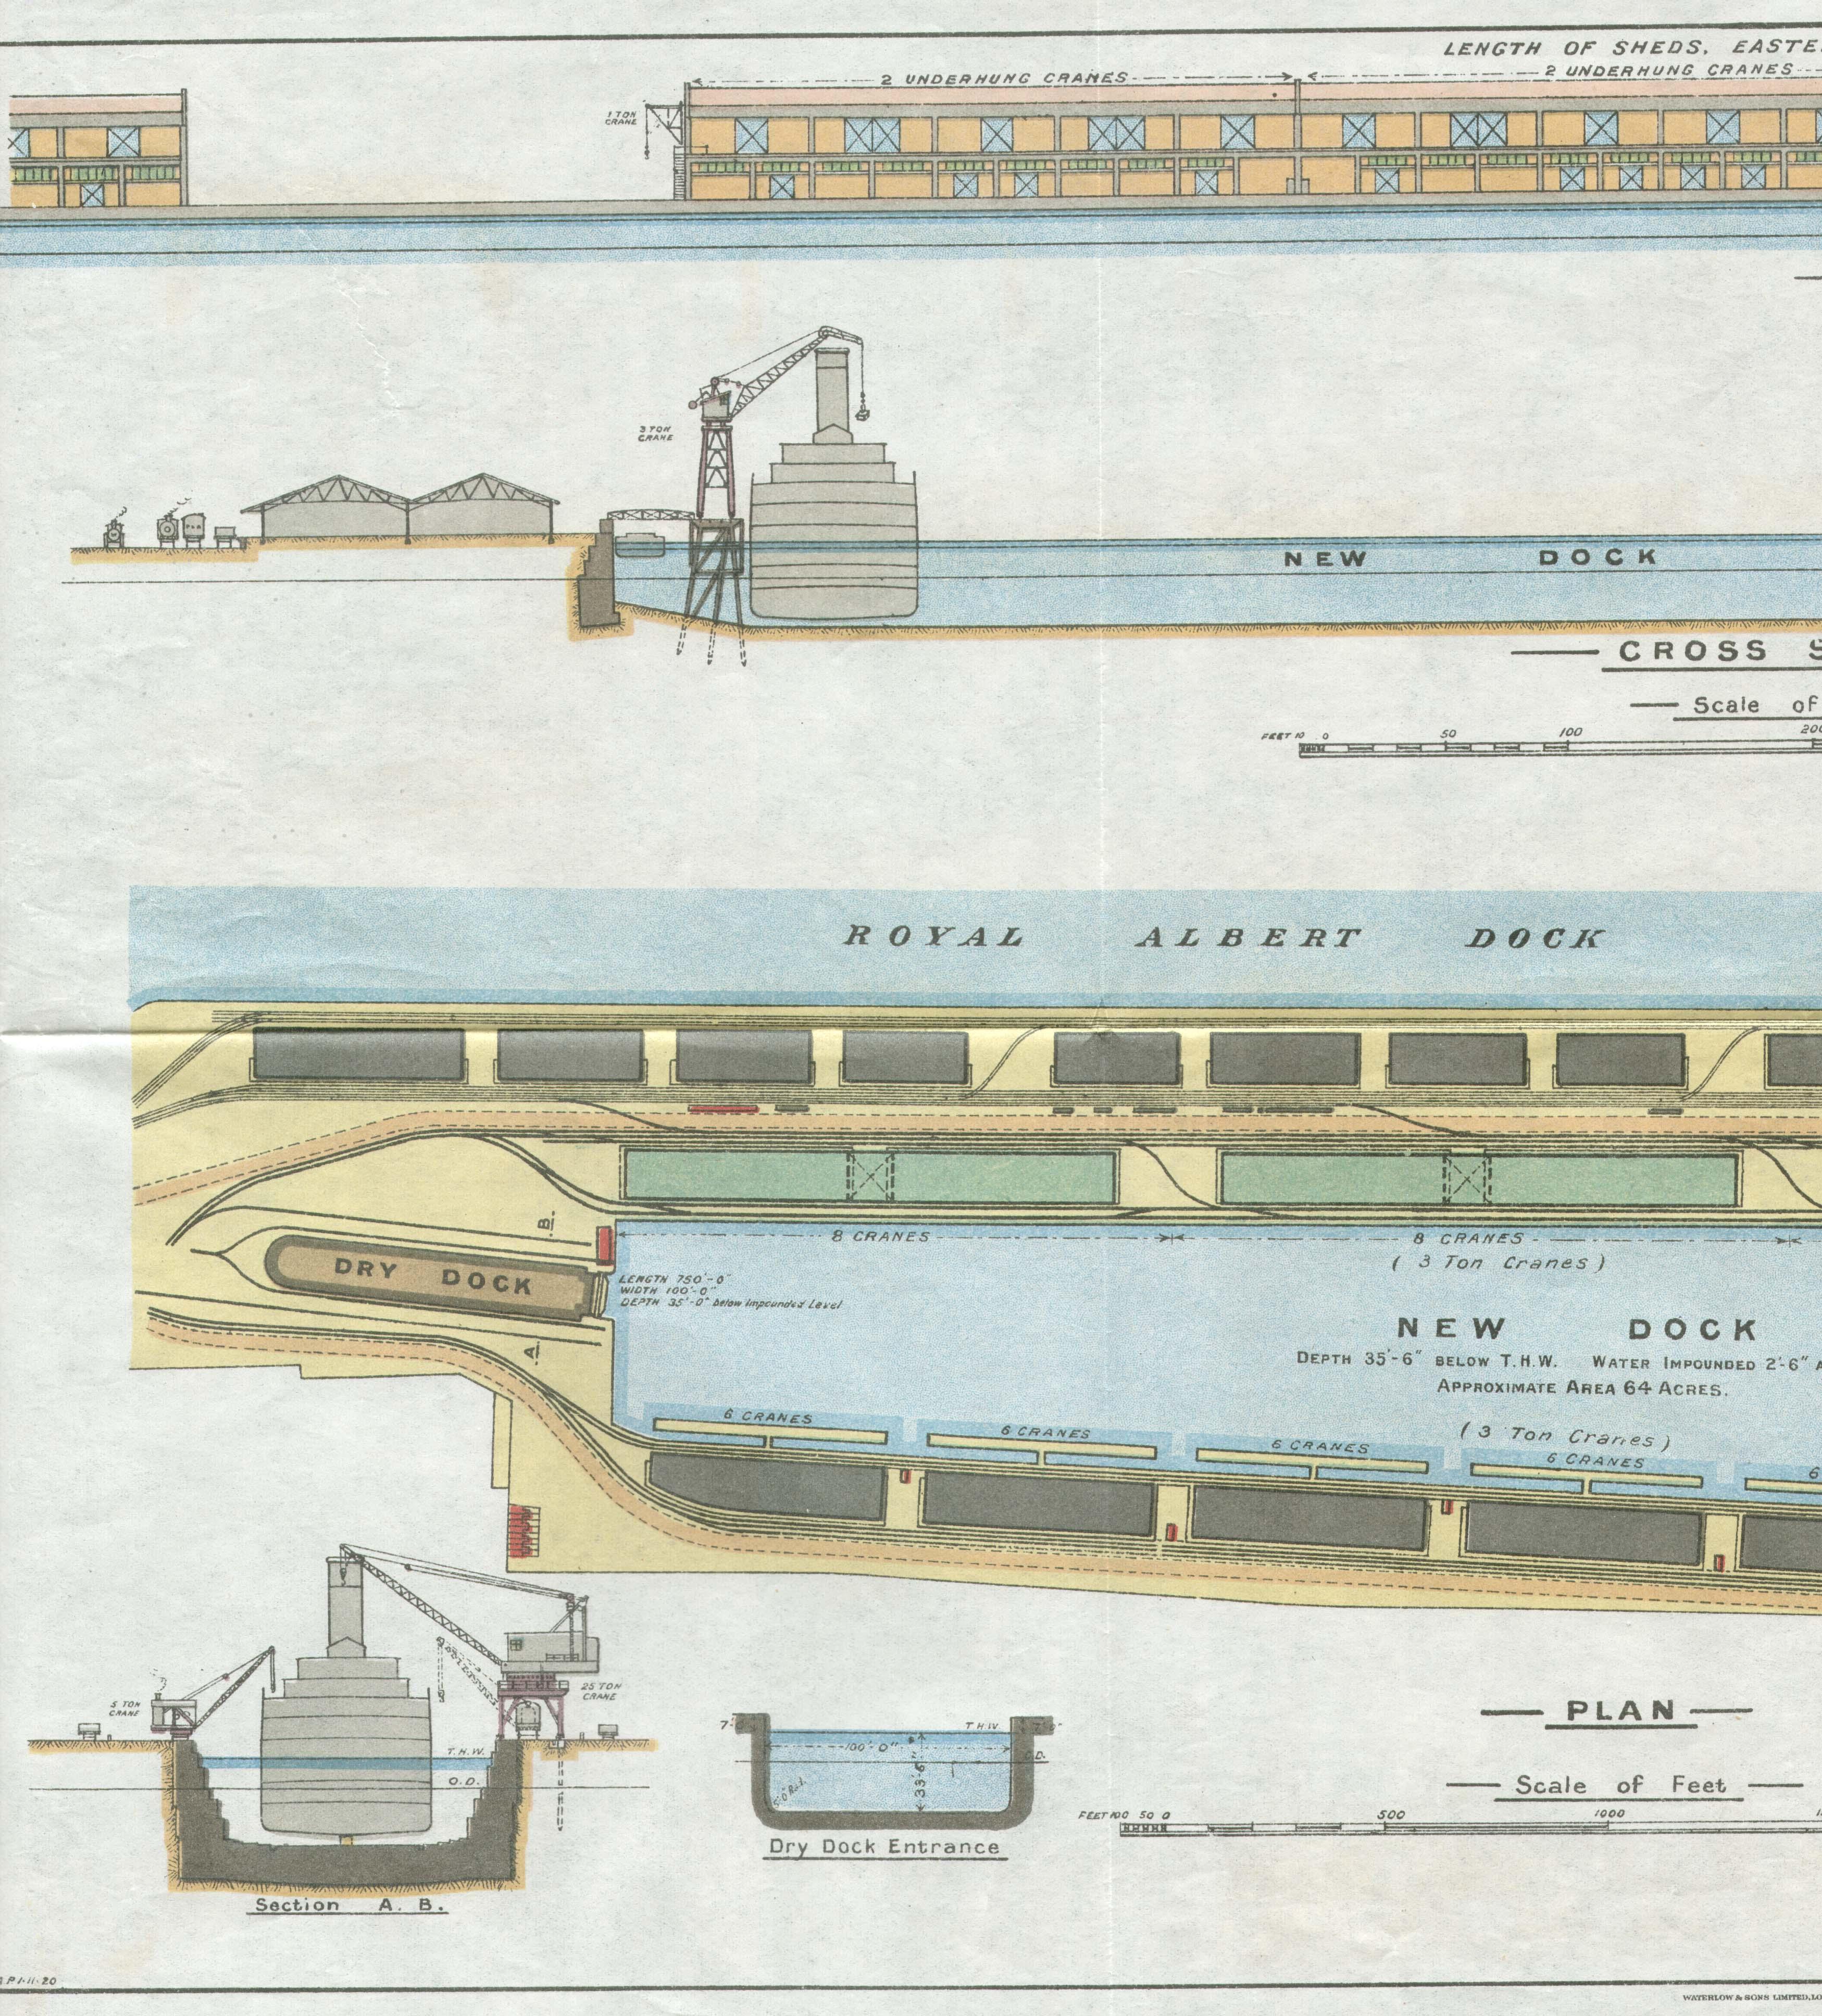 Map of Royal Albert Dock